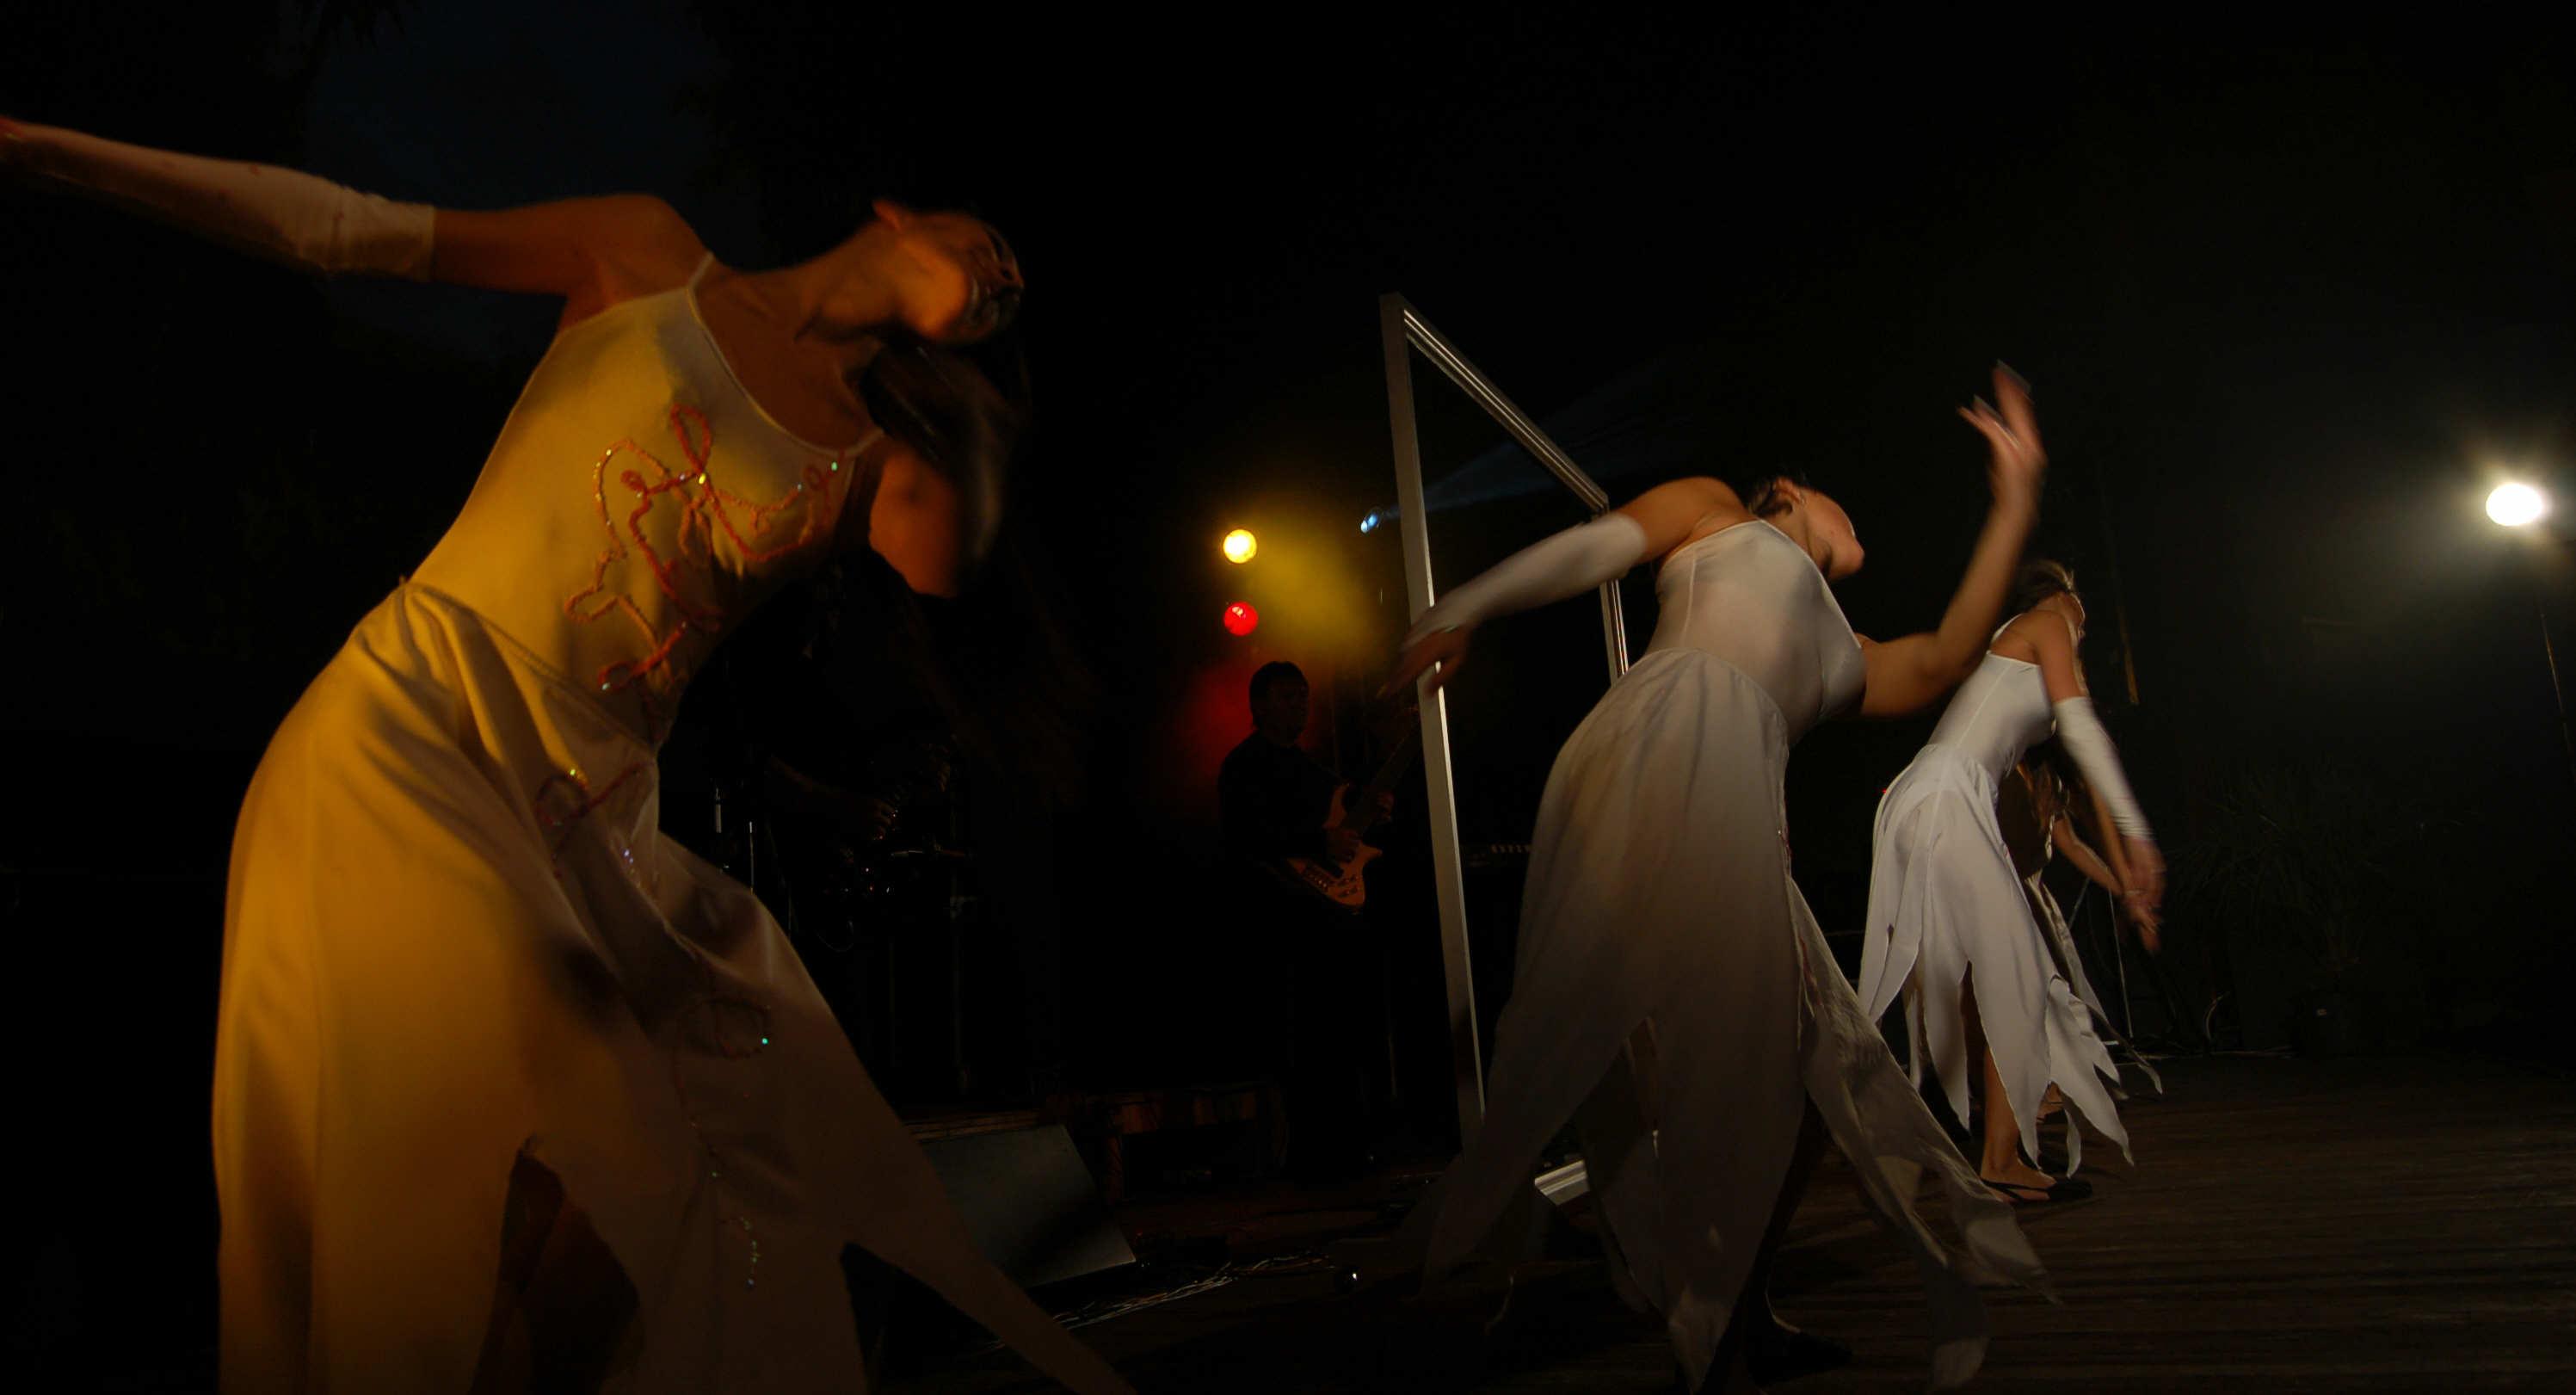 Piruett performing